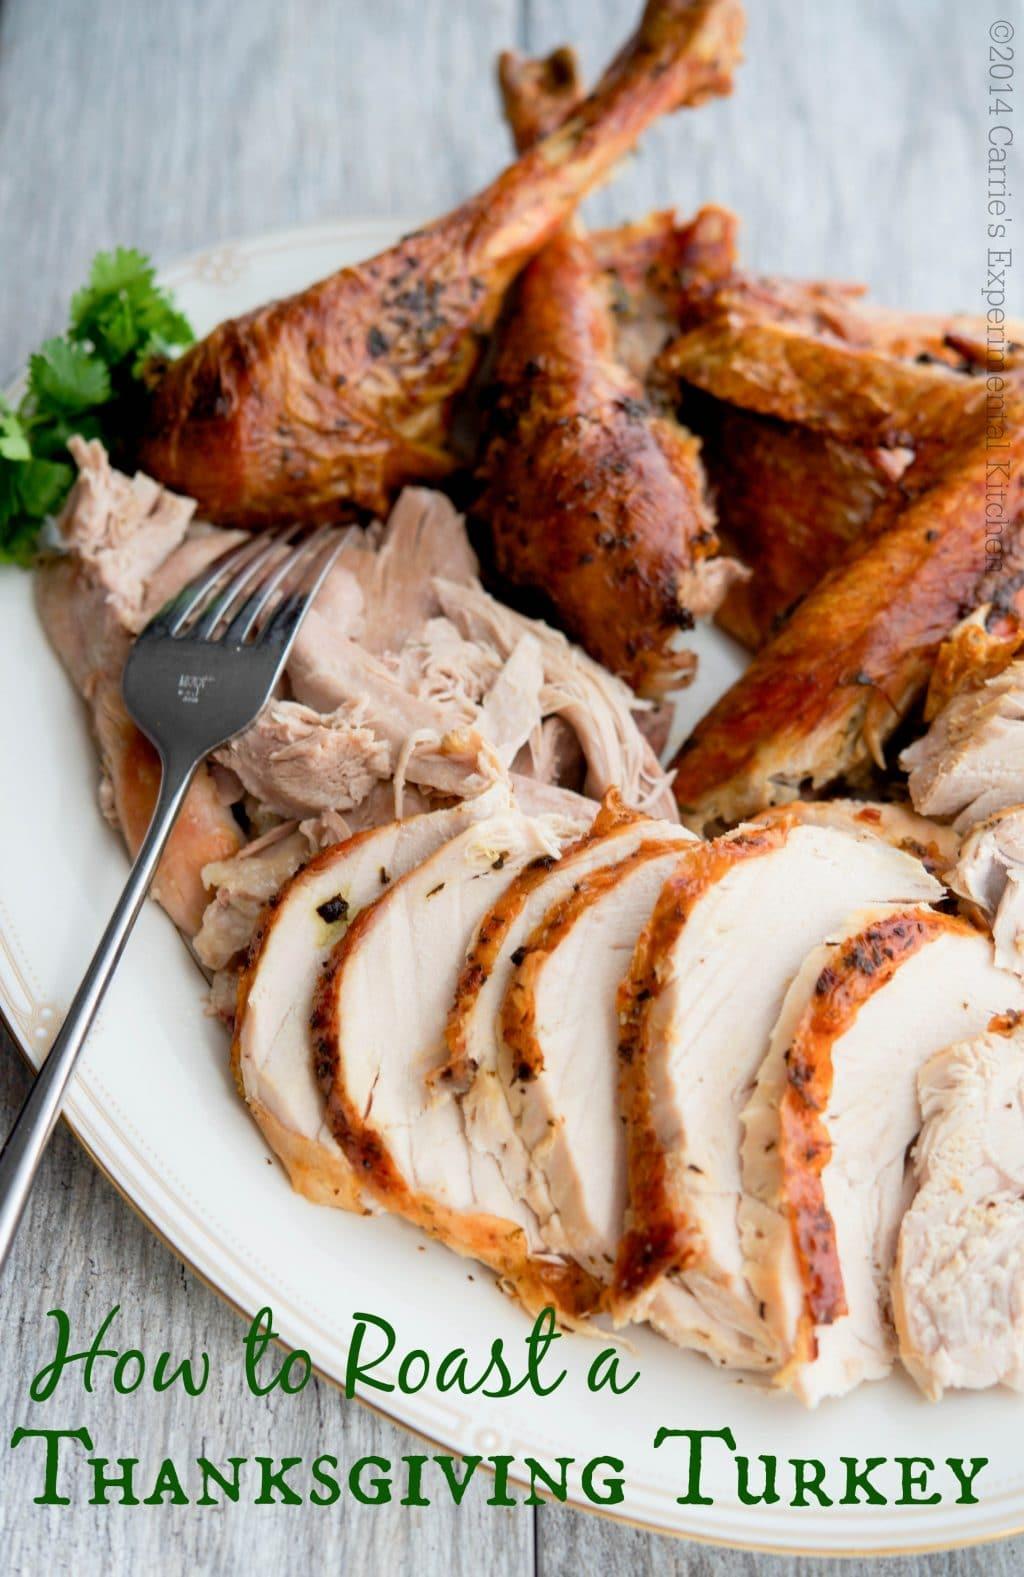 Est-ce la première fois que vous préparez le dîner de Thanksgiving?  Rassurez-vous, rôtir une dinde est un jeu d'enfant!  Lisez la suite pour obtenir des conseils sur l'achat, la décongélation, la préparation, la cuisson et la découpe d'une dinde, y compris une recette de dinde rôtie au beurre et aux herbes et une sauce maison.